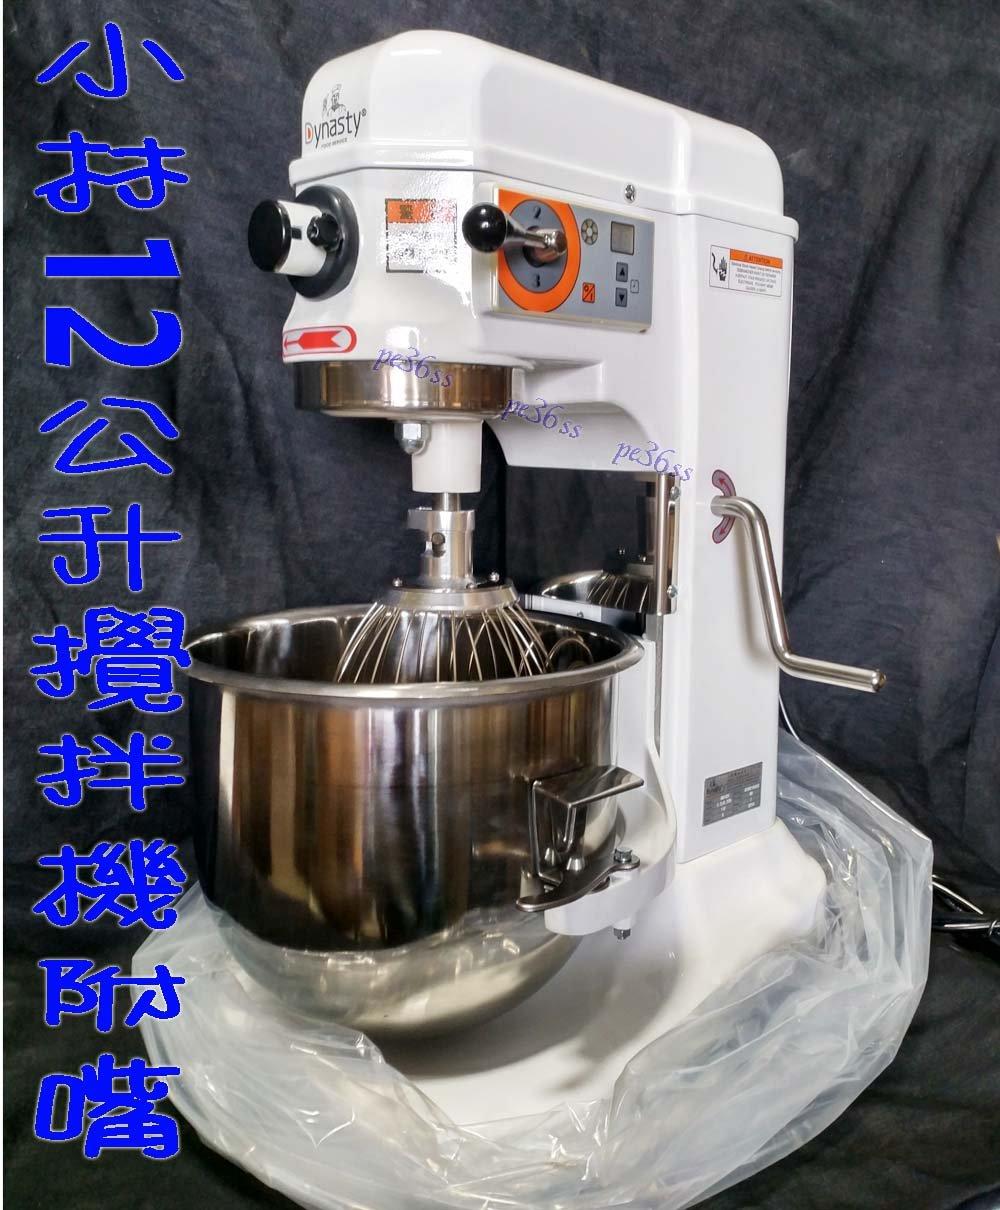 世界大牌』小林12公升攪拌機一桶三配件附連接器接嘴座,勾、扇換白鐵製 s 勾 扇 ( 攪拌器 打蛋器   )